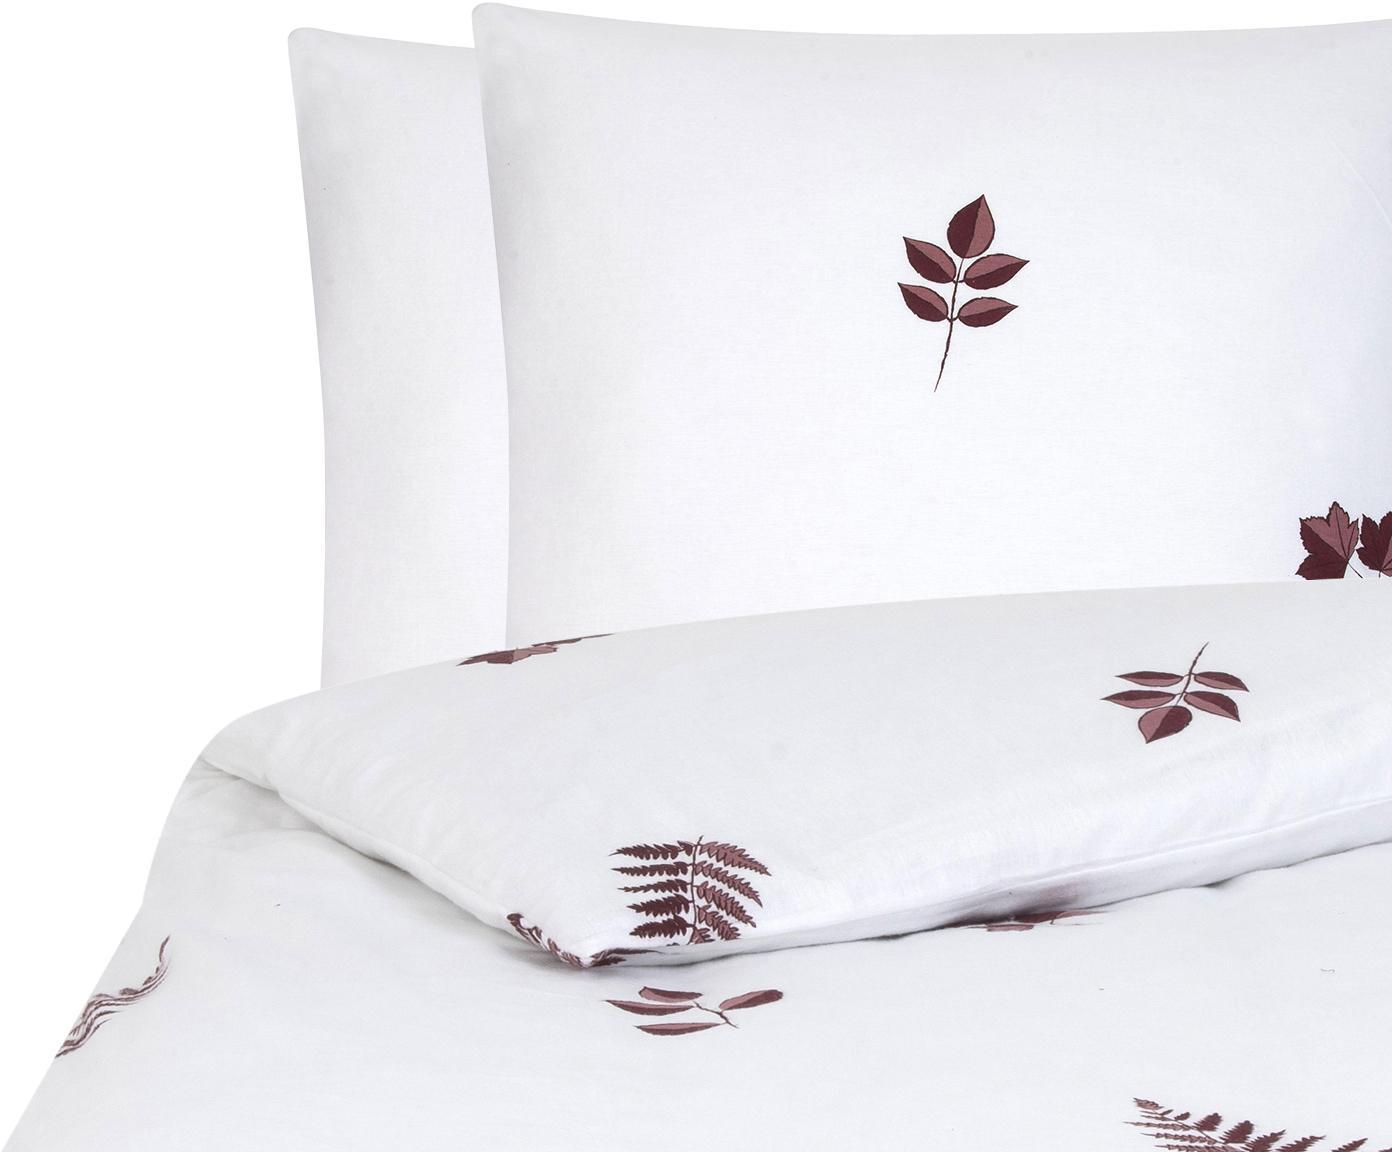 Flanell-Bettwäsche Fraser mit winterlichem Blattmuster, Webart: Flanell Flanell ist ein s, Bordeaux, Weiß, 200 x 200 cm + 2 Kissen 80 x 80 cm